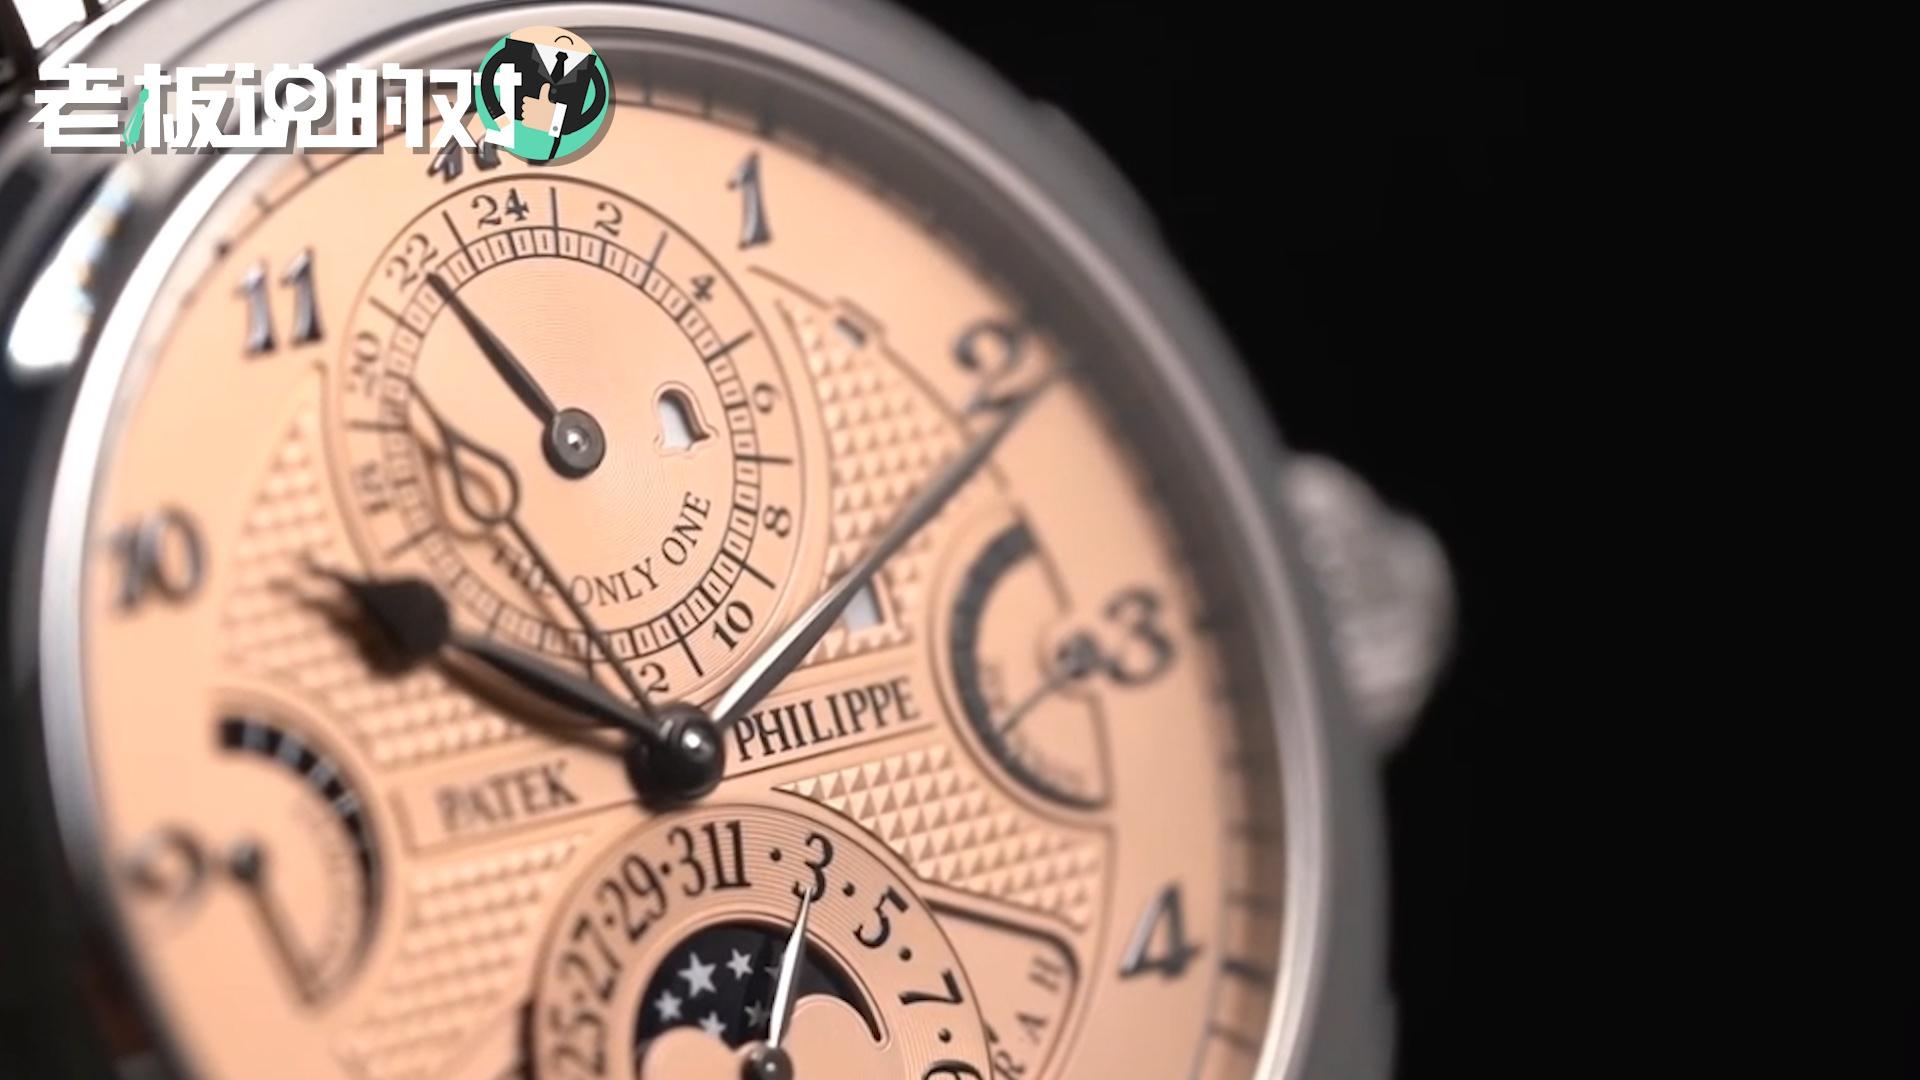 世界最贵手表诞生!百达翡丽拍出2.19亿天价,直接打破劳力士纪录